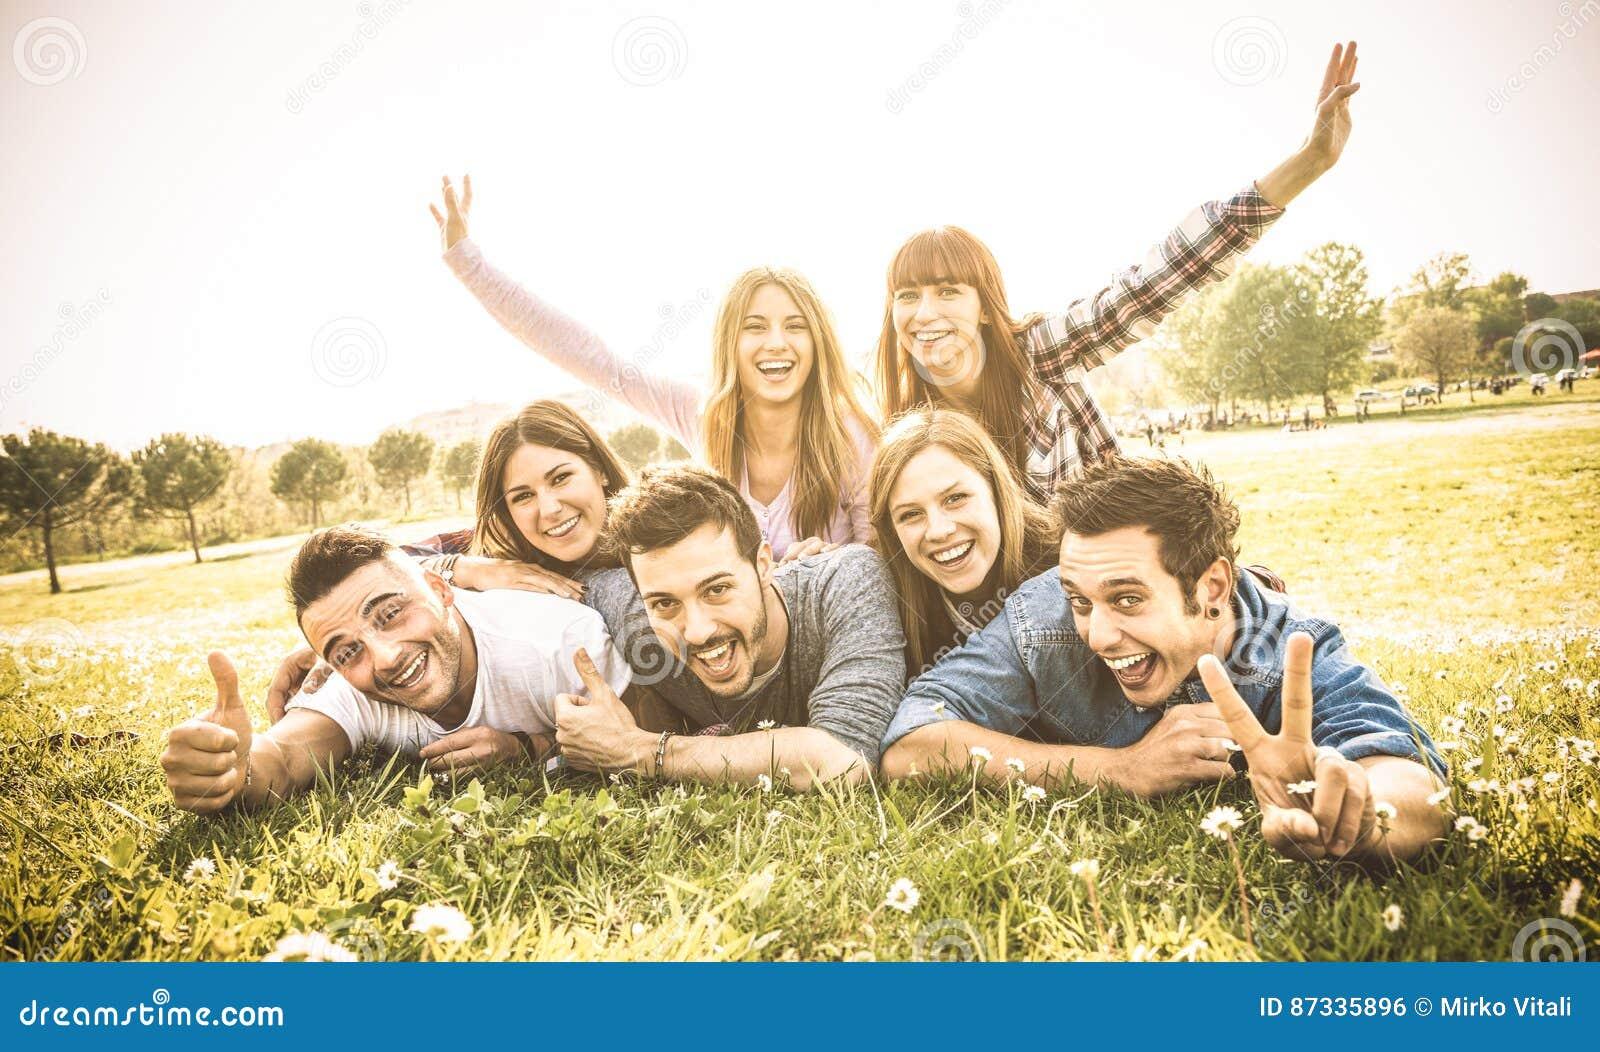 Οι φίλοι ομαδοποιούν την κατοχή της διασκέδασης μαζί με την αυτοπροσωπογραφία στο λιβάδι